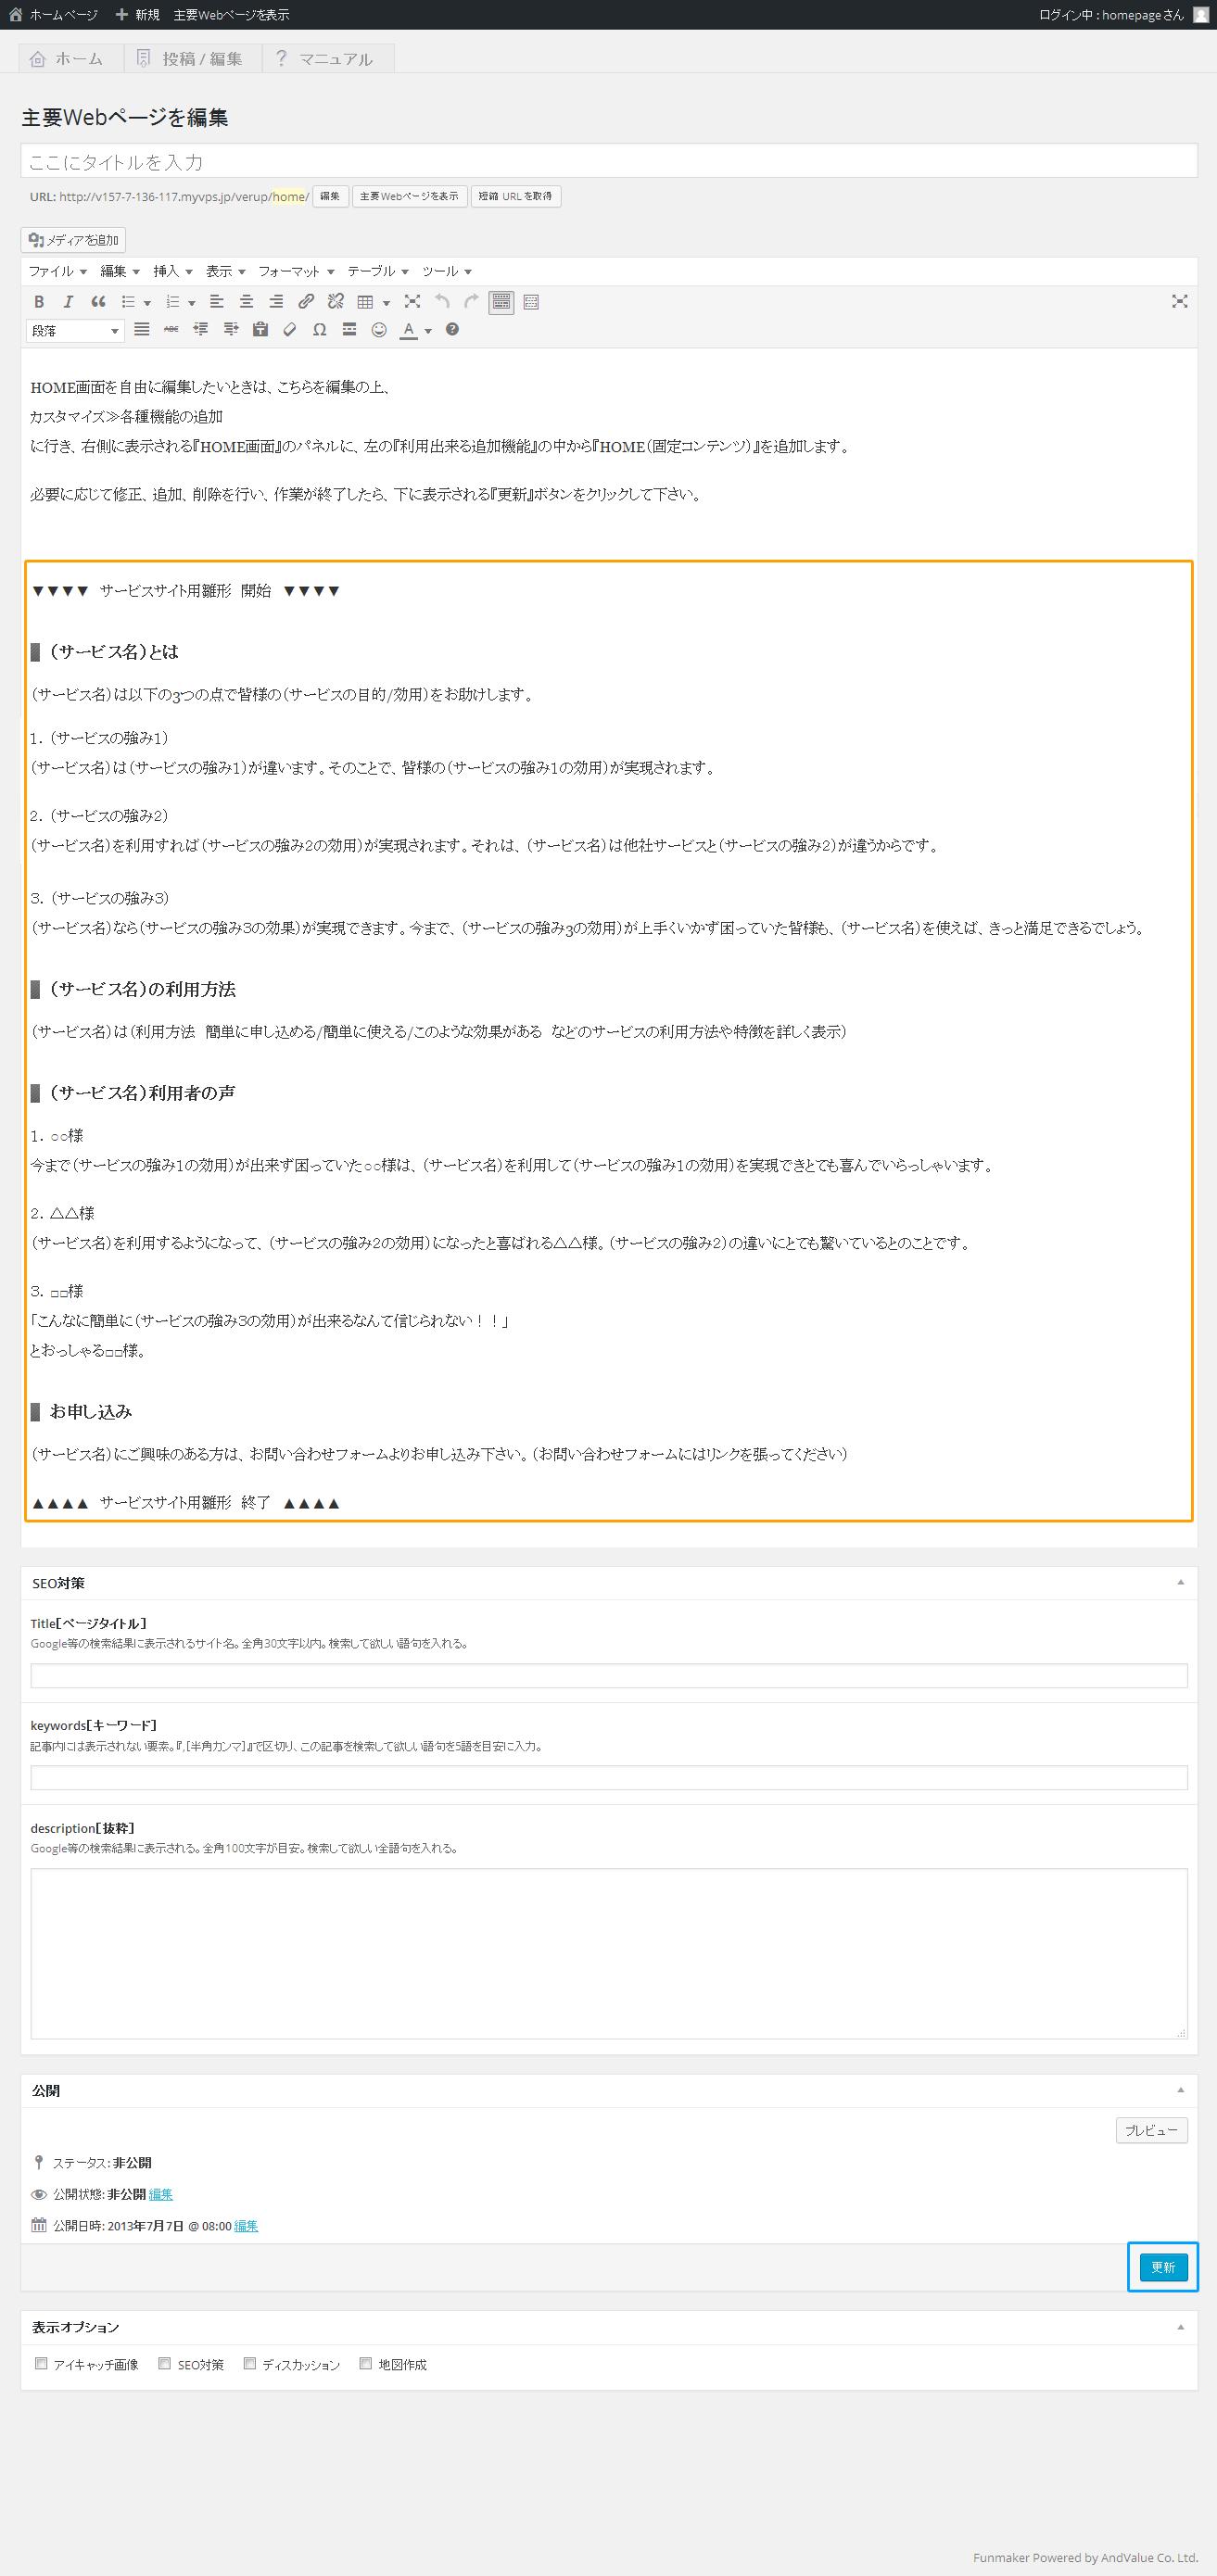 管理画面 固定コンテンツ 雛形 | 初期費用無料ホームページ作成サイト - FunMaker